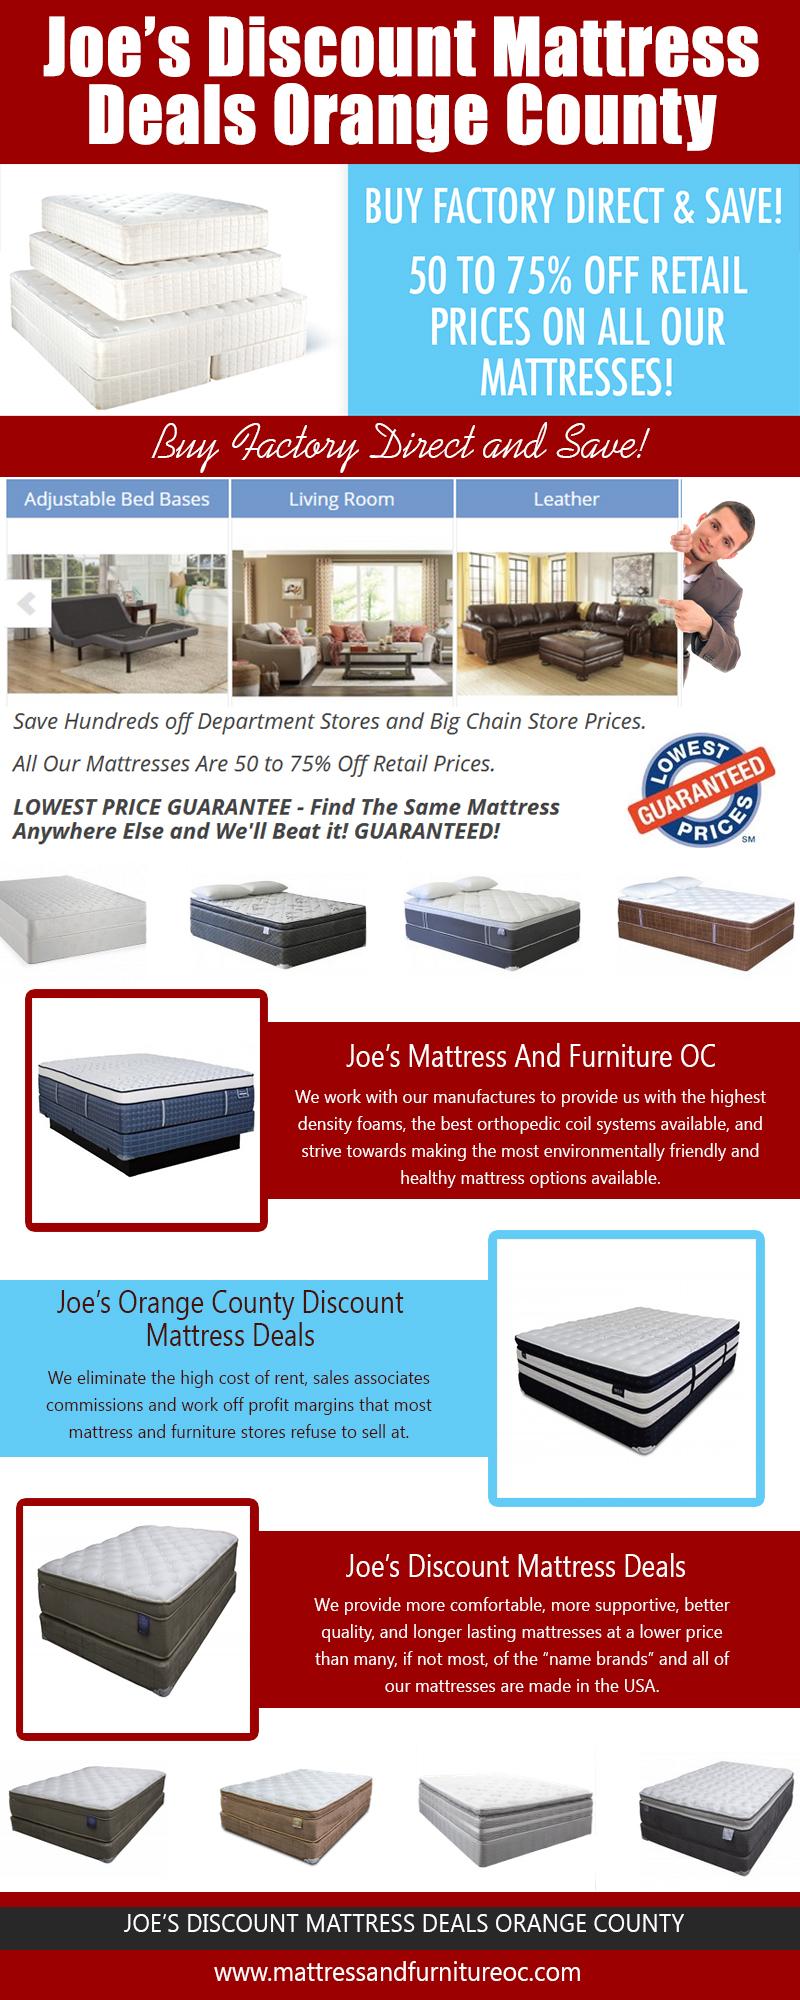 Mattress Deals Orange County